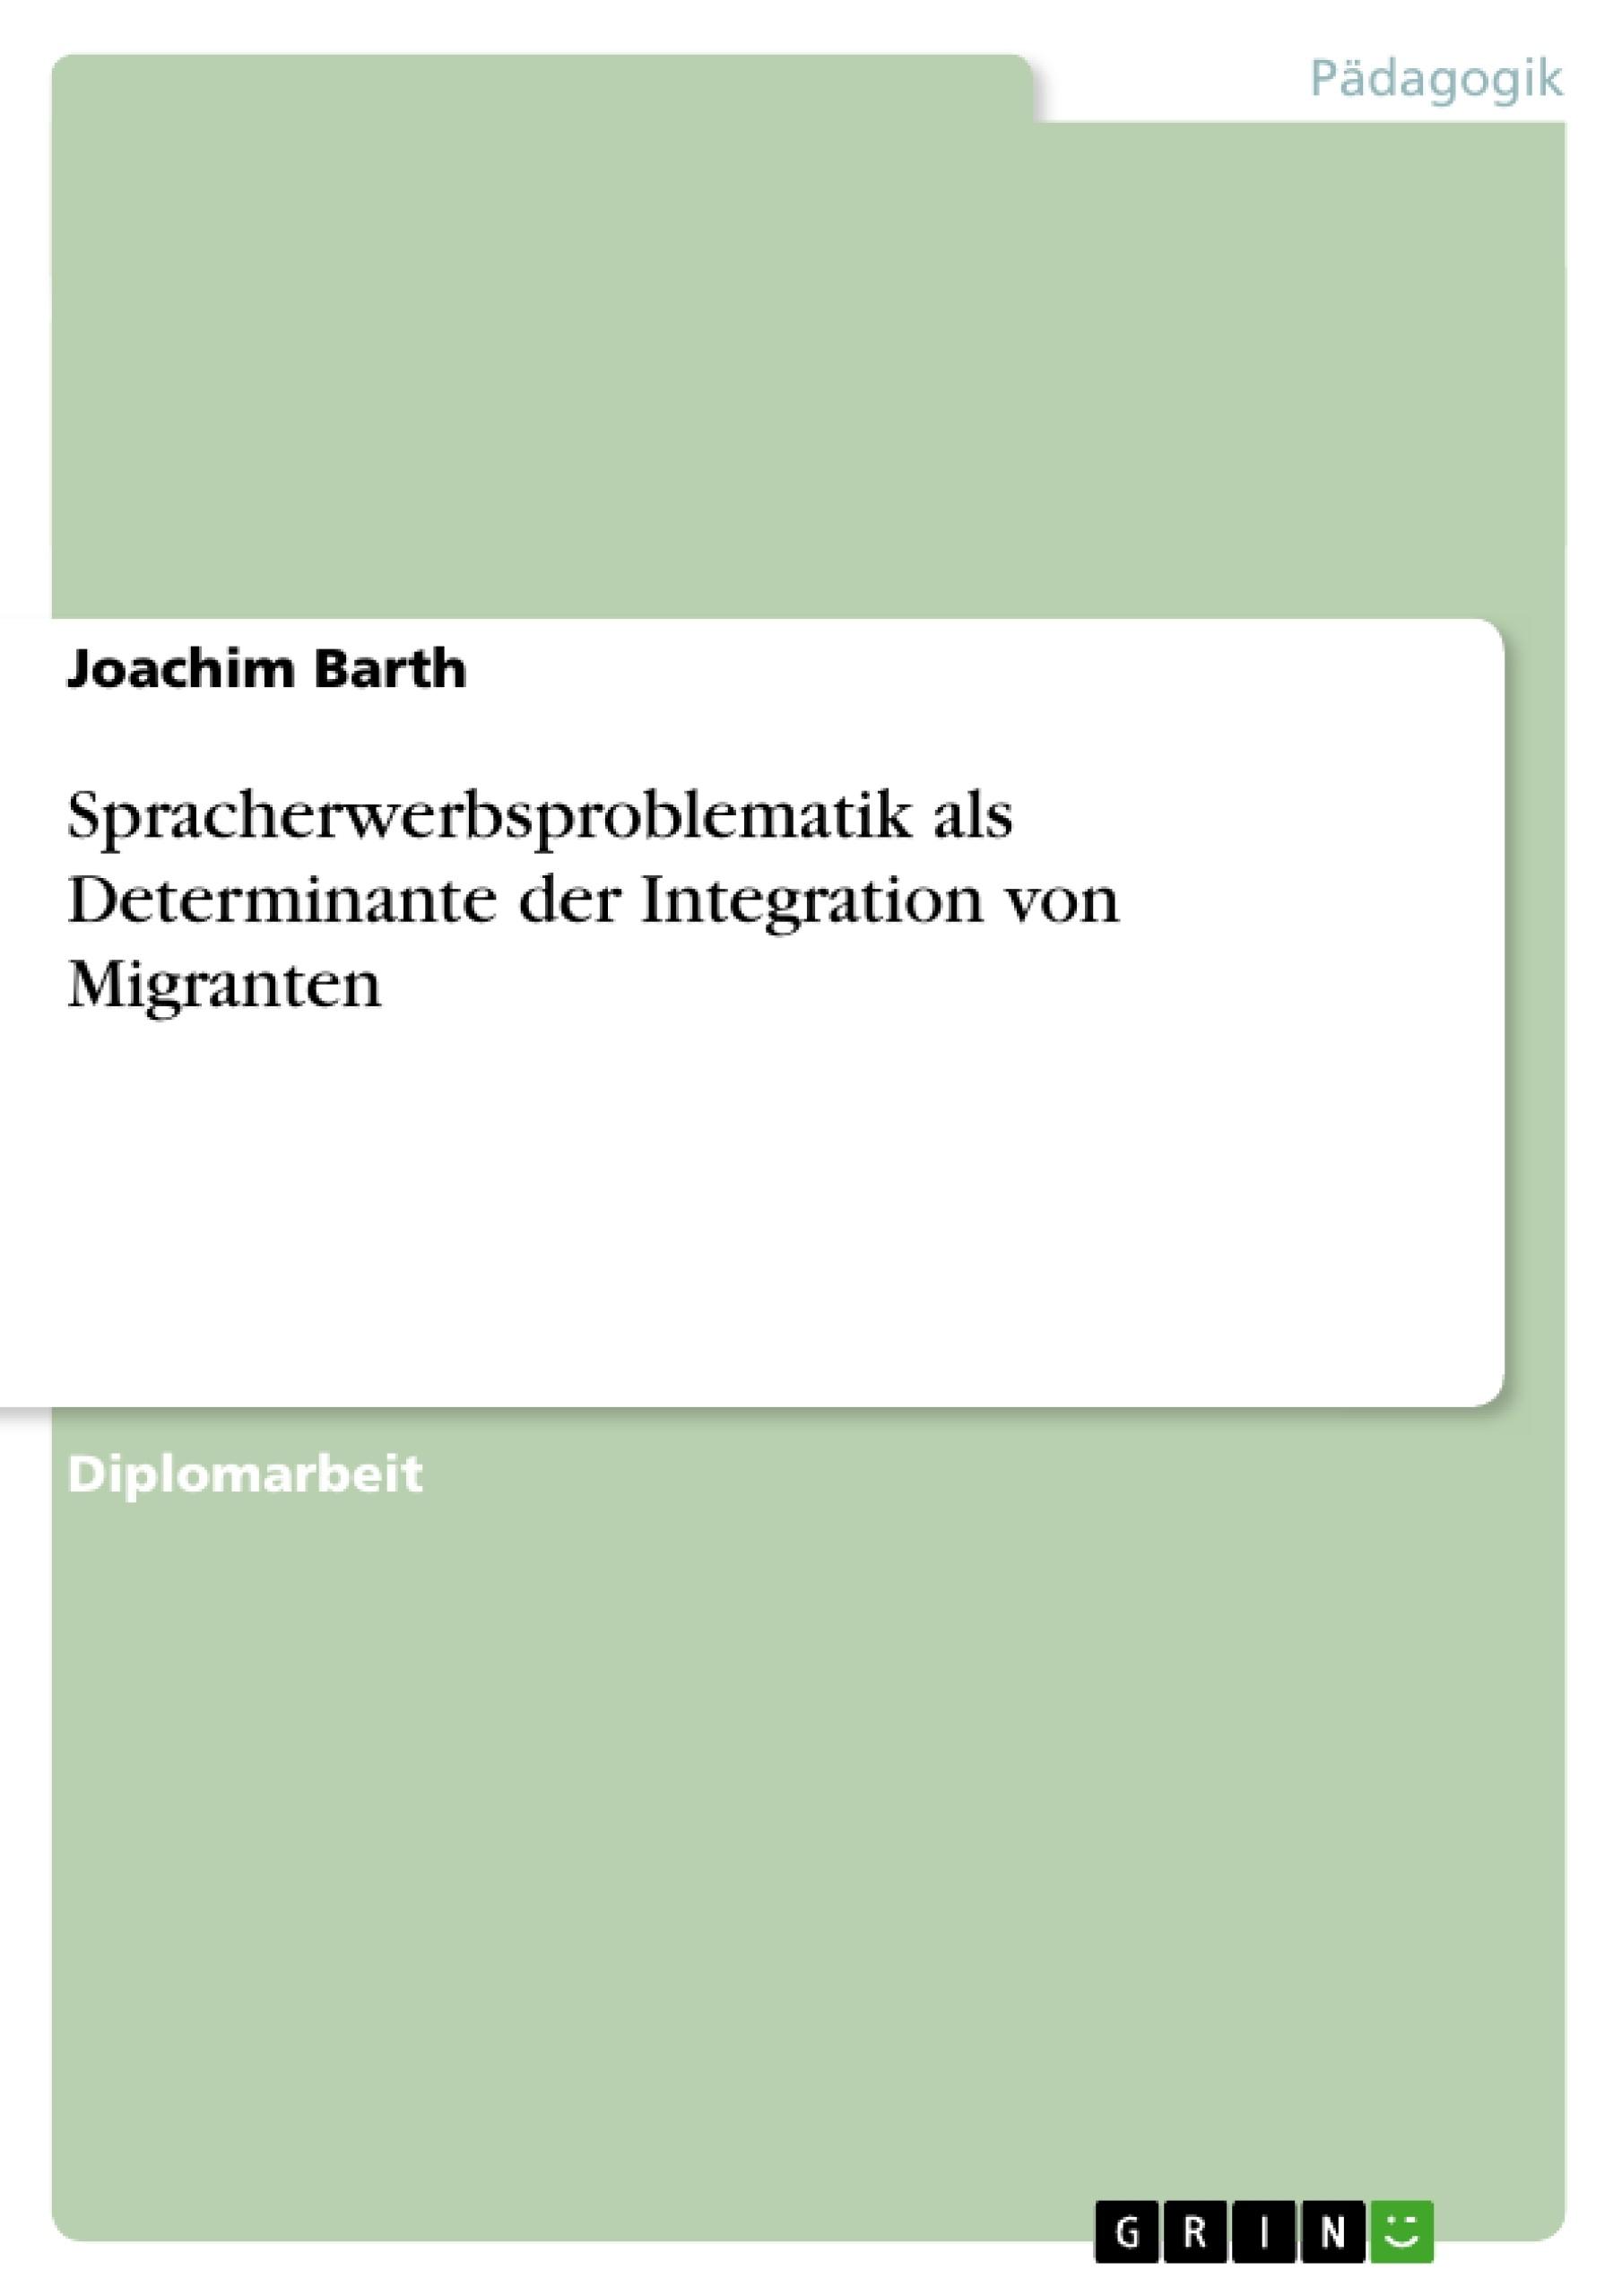 Titel: Spracherwerbsproblematik als Determinante der Integration von Migranten